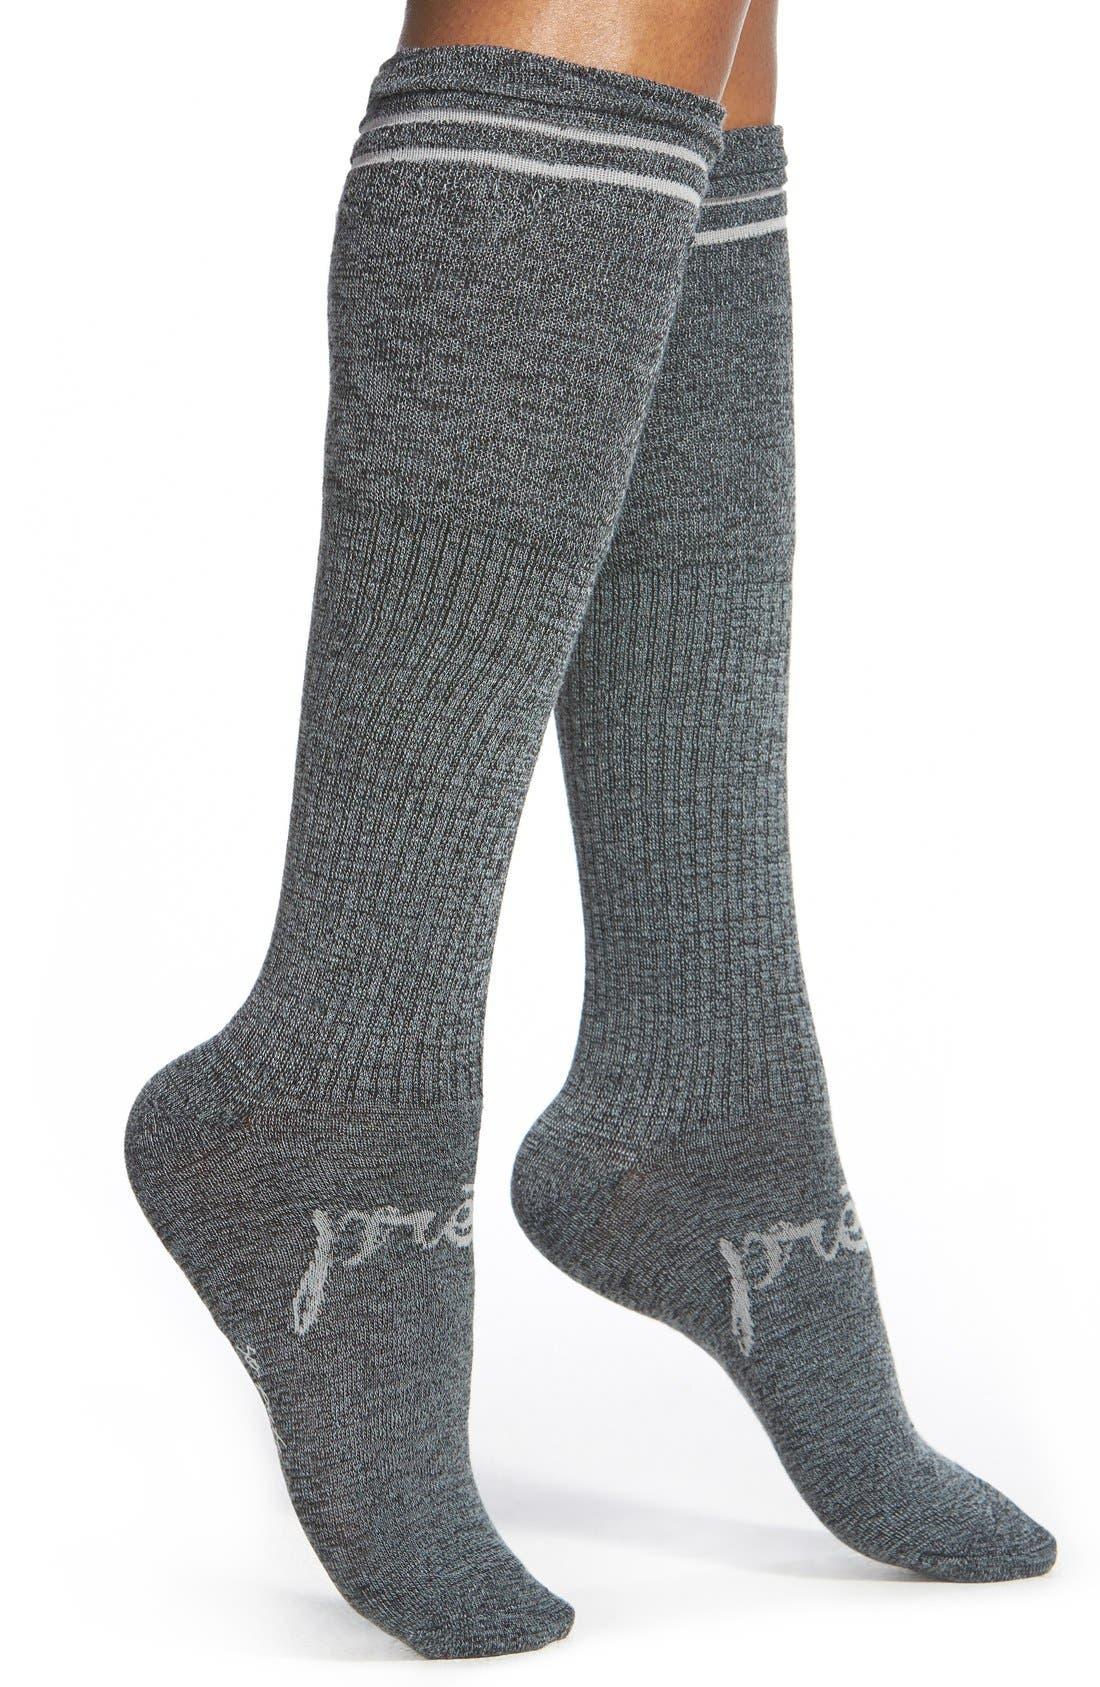 Alternate Image 1 Selected - kensie Stripe Cuff Knee High Socks